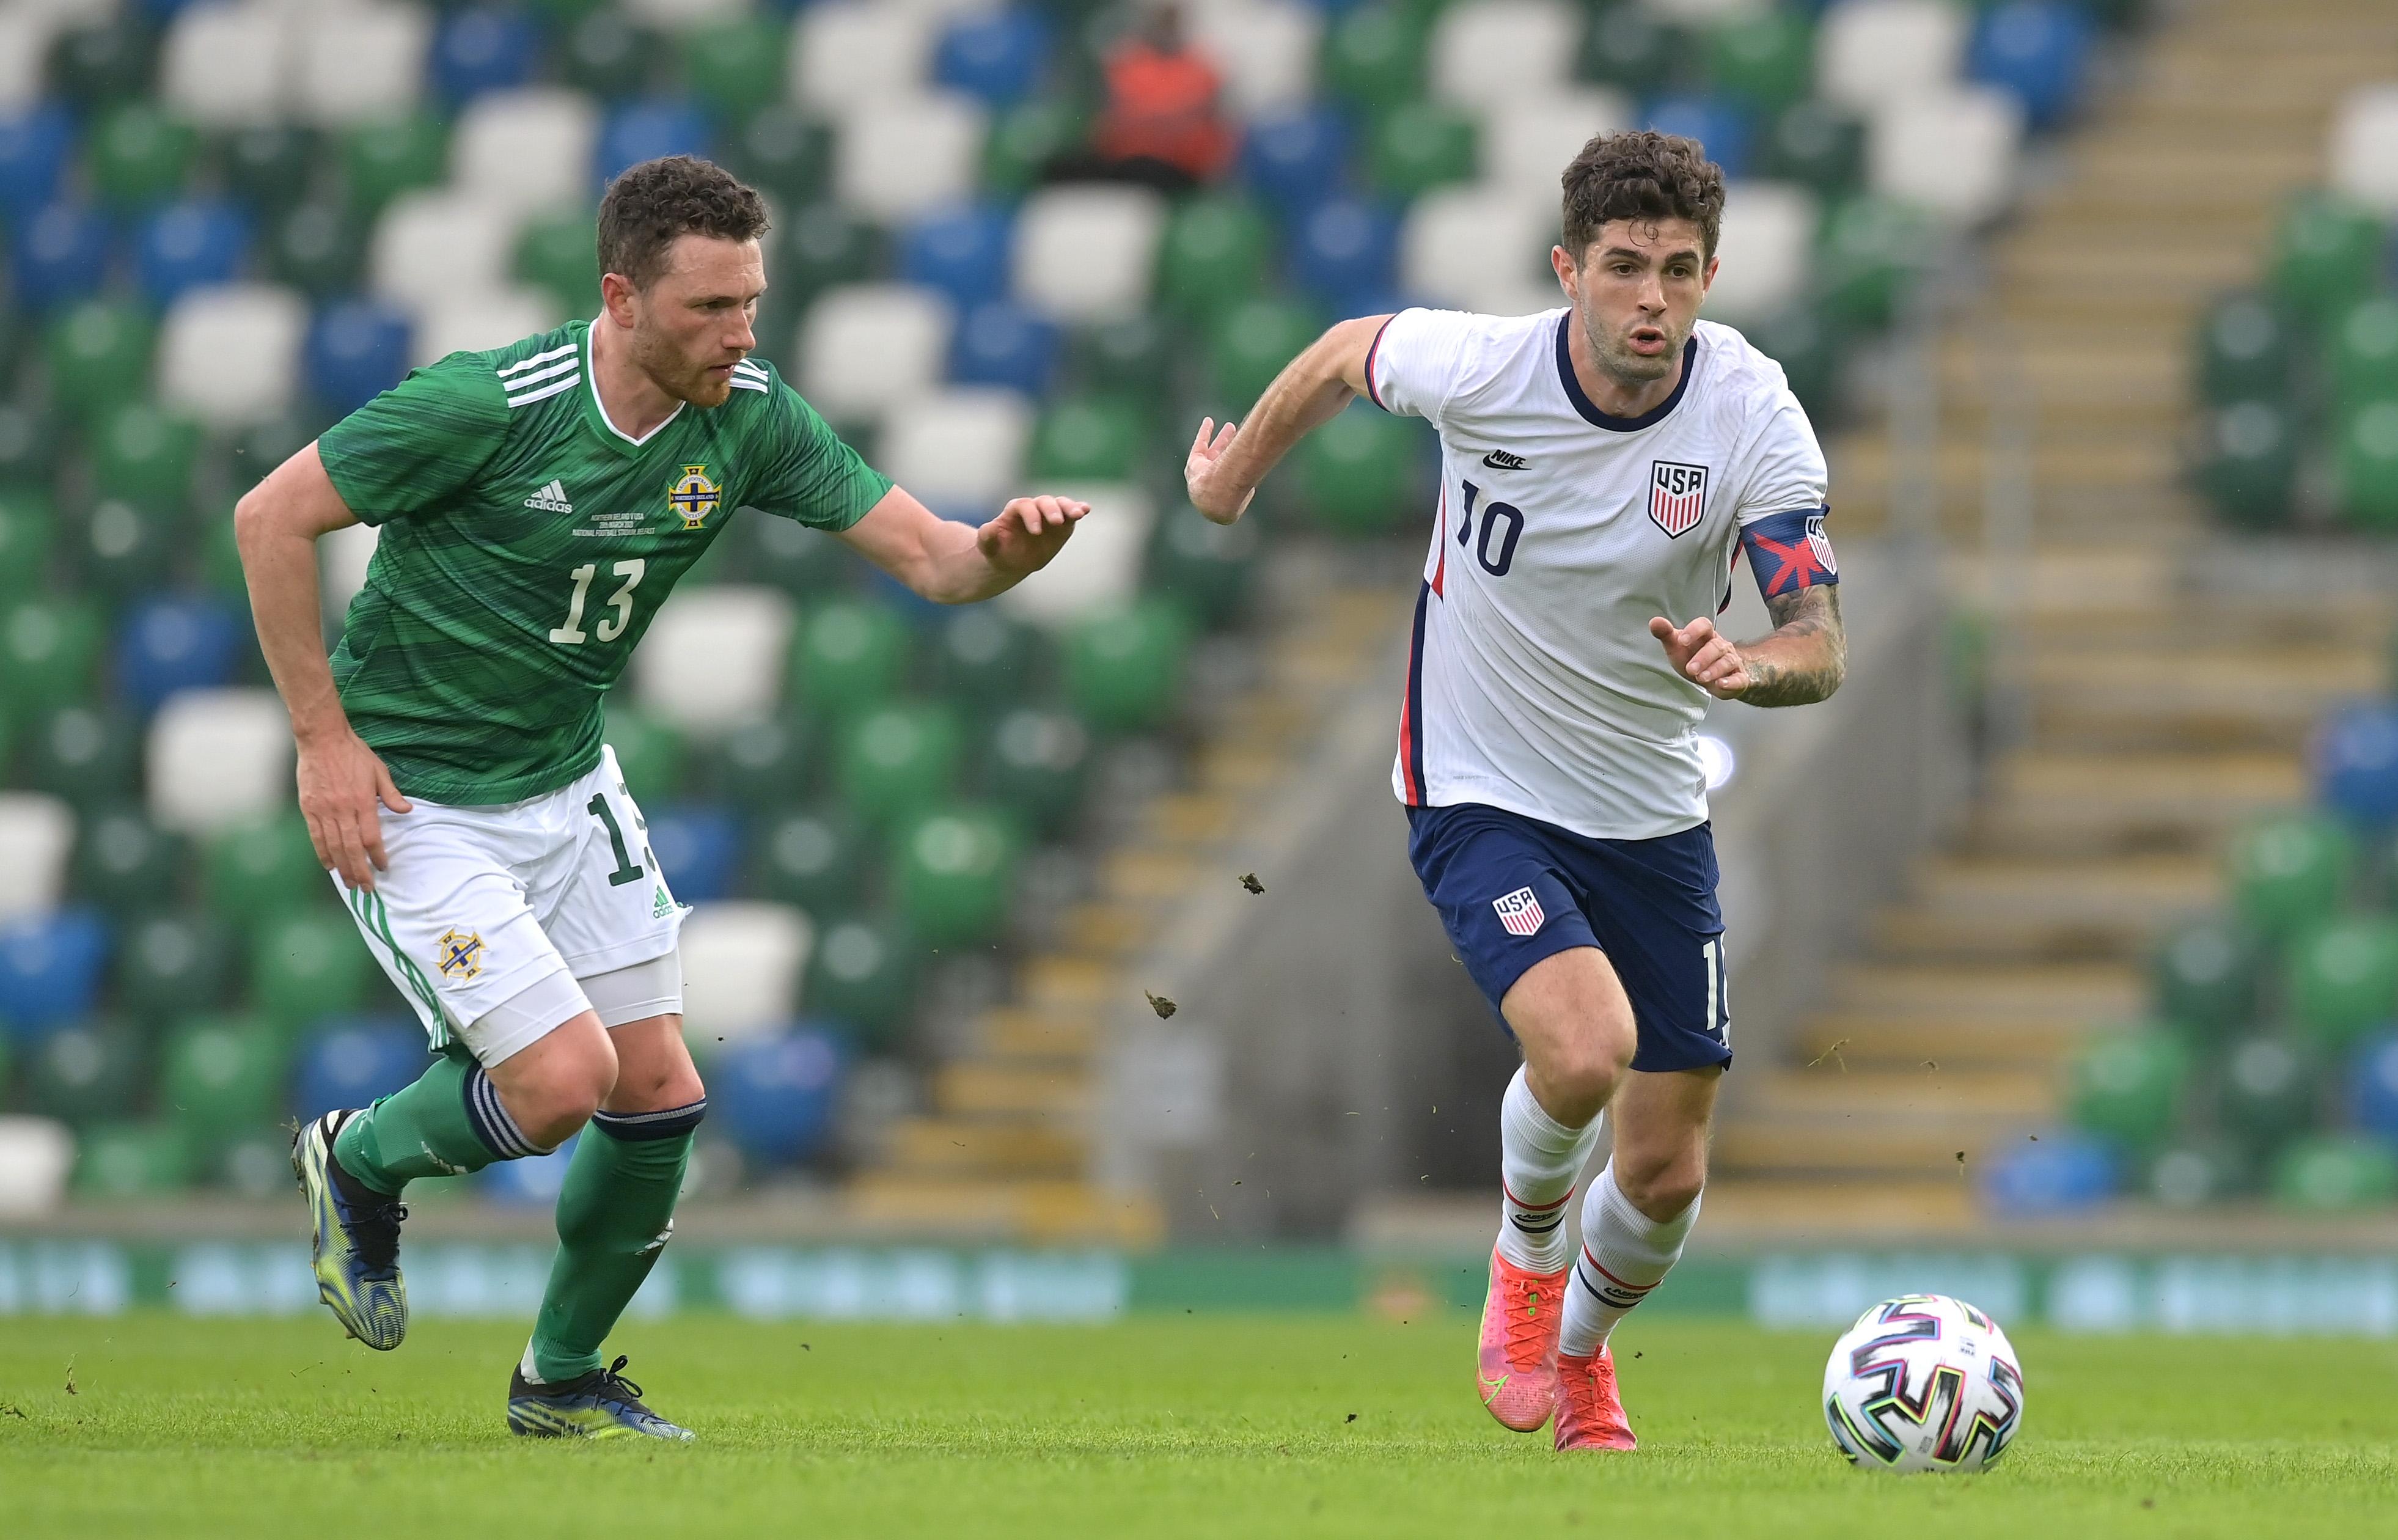 Northern Ireland v USA - International Friendly